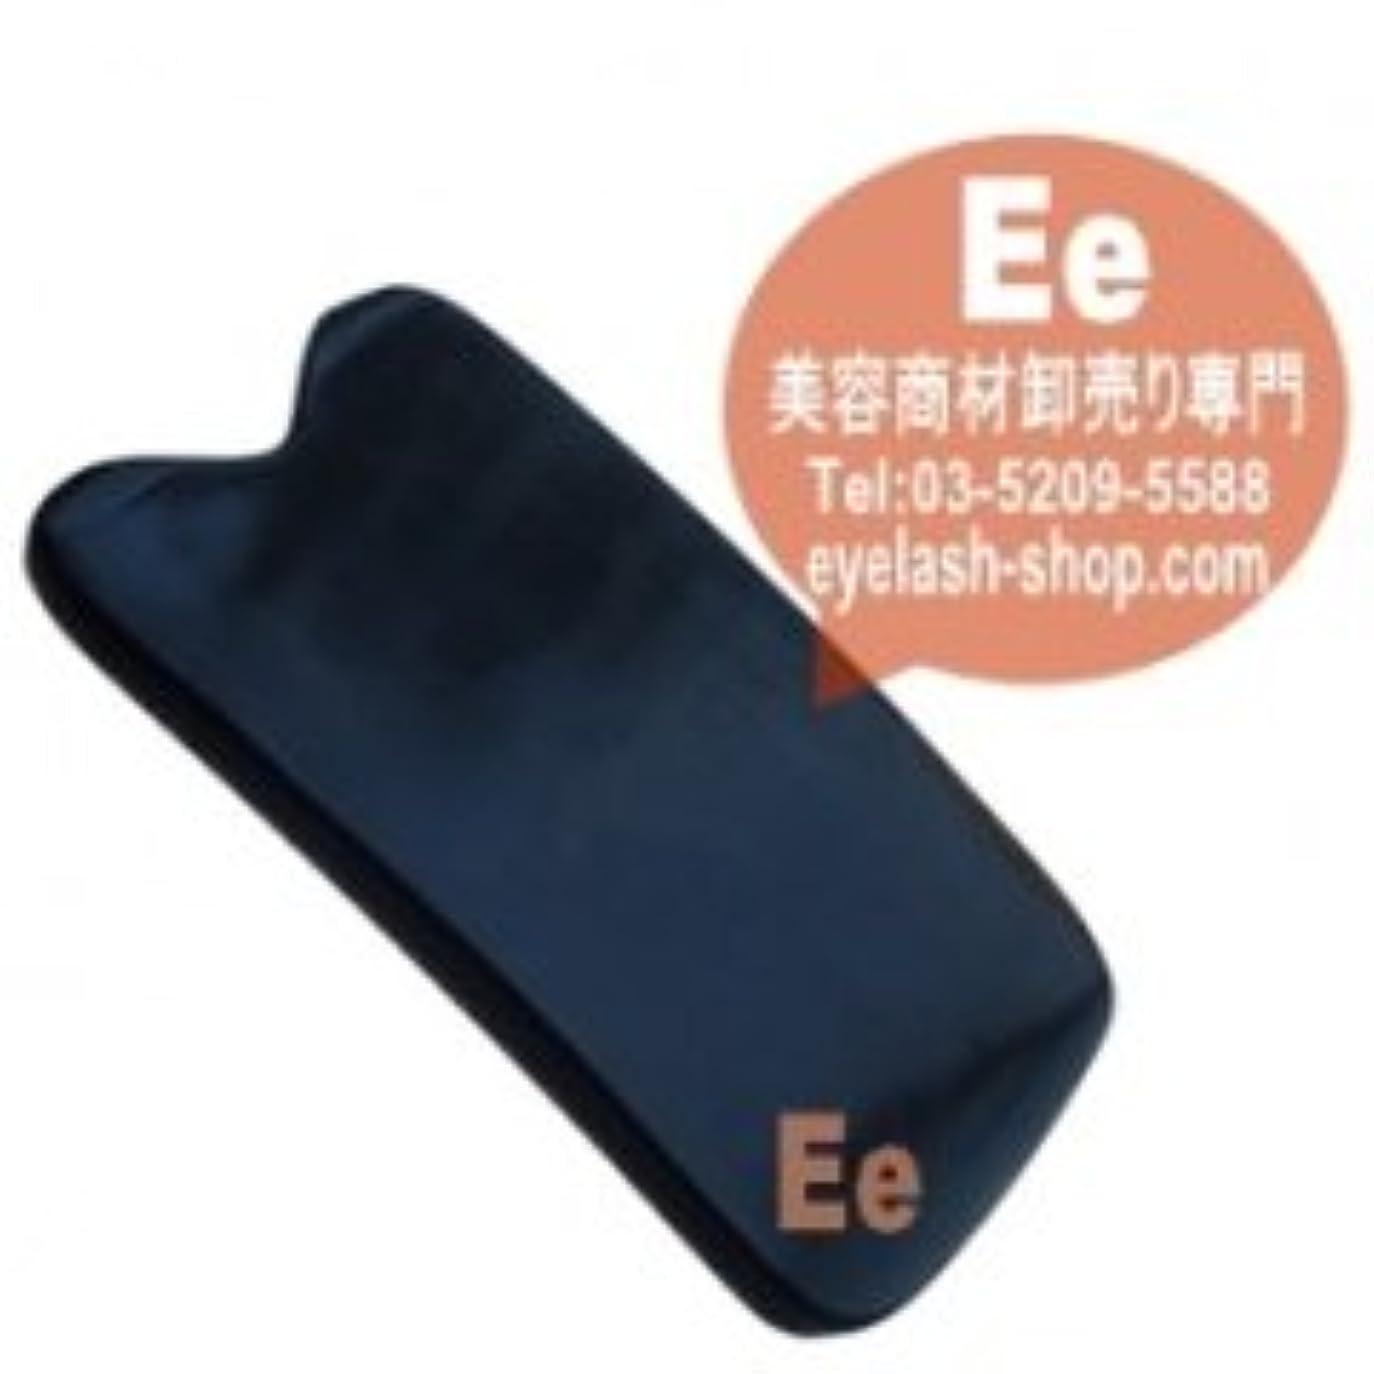 理容室普遍的な慎重にかっさ板 カッサプレート 美容マッサージカッサ板 グアシャ板 水牛の角 A-04